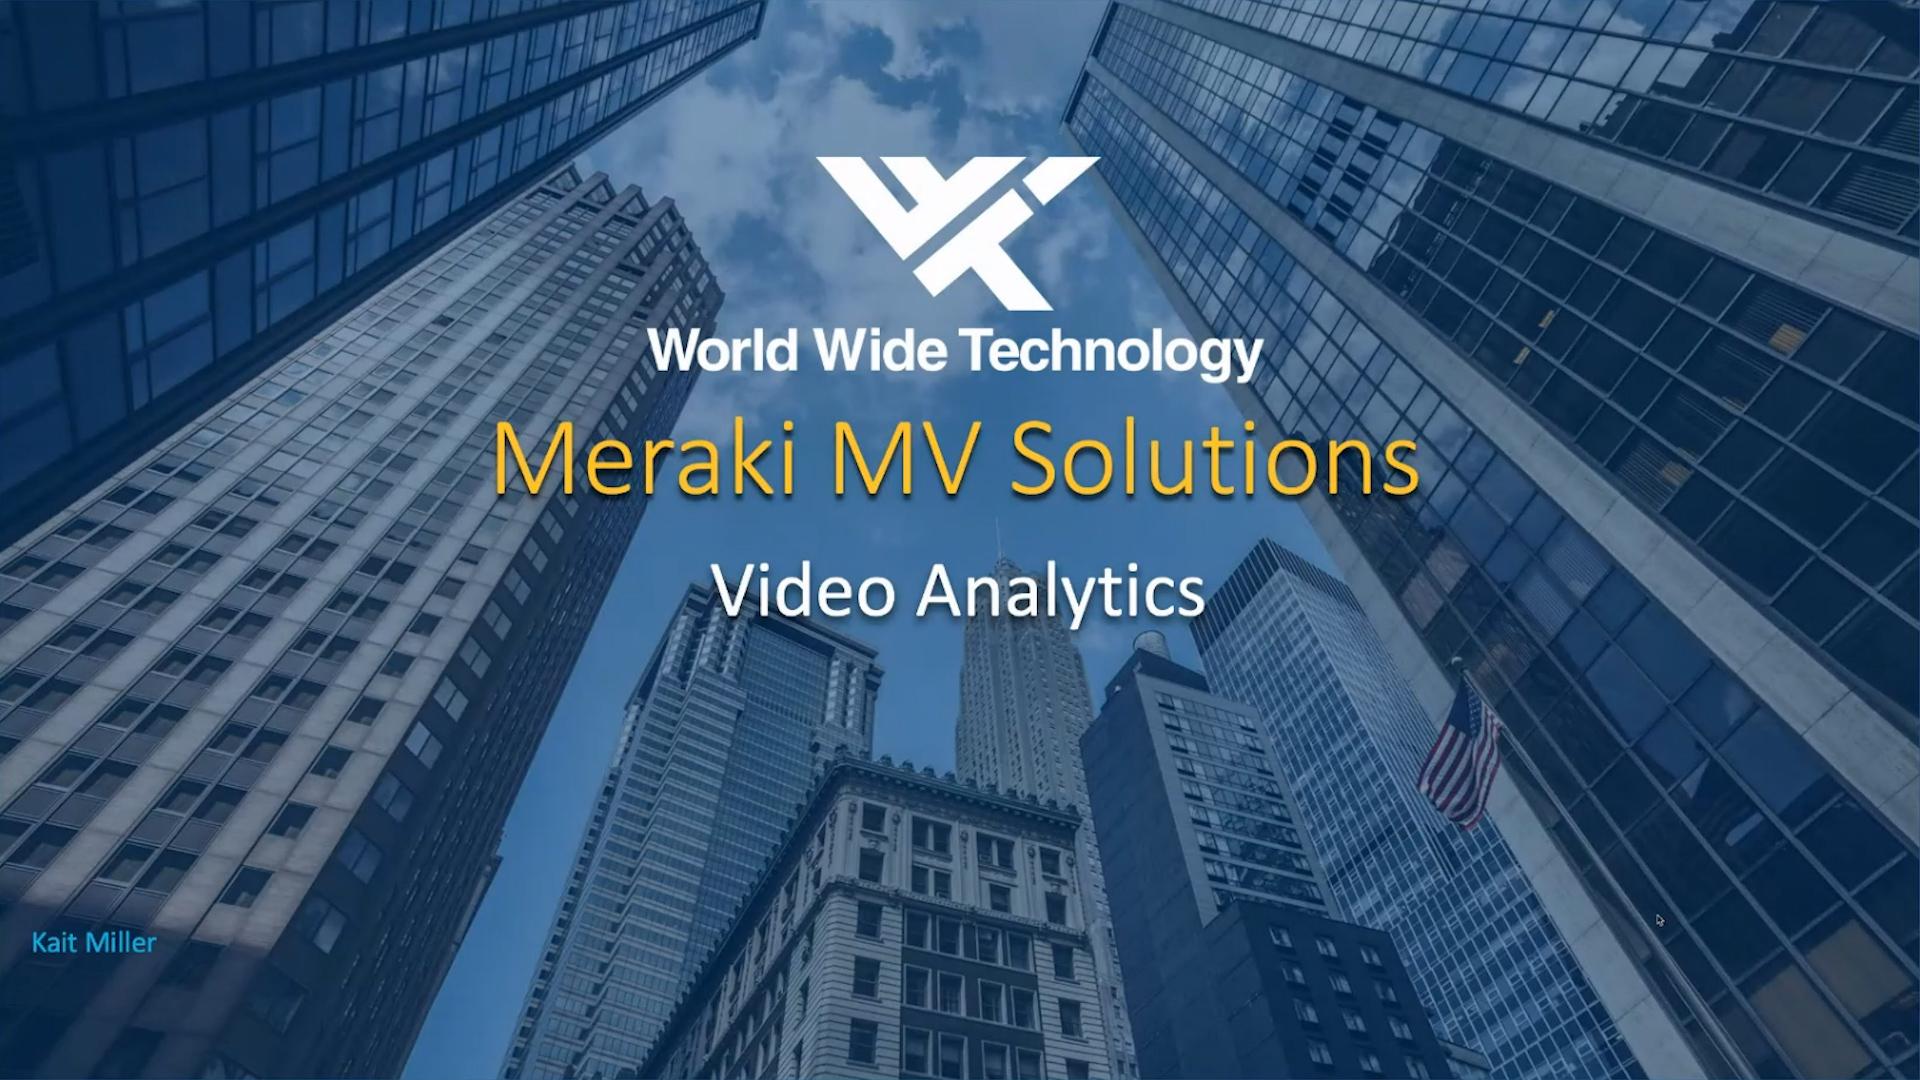 Meraki MV Solutions - Video Analytics